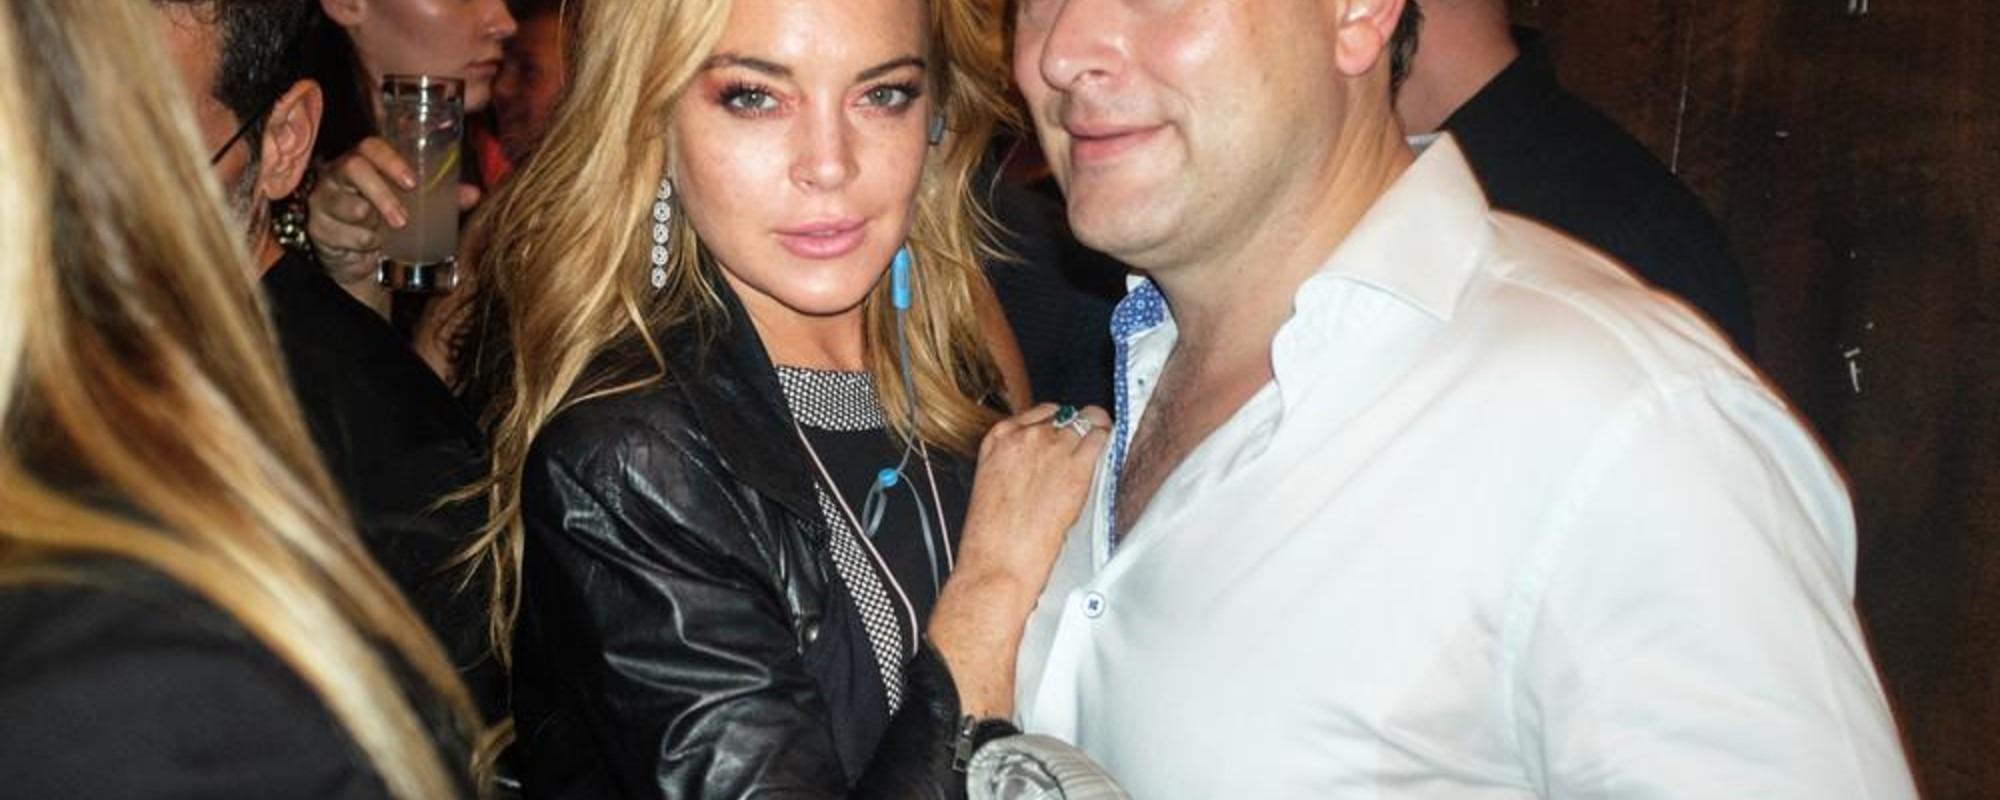 So sah die Eröffnung von Lindsay Lohans neuem Pro-Refugee-Nachtclub in Athen aus